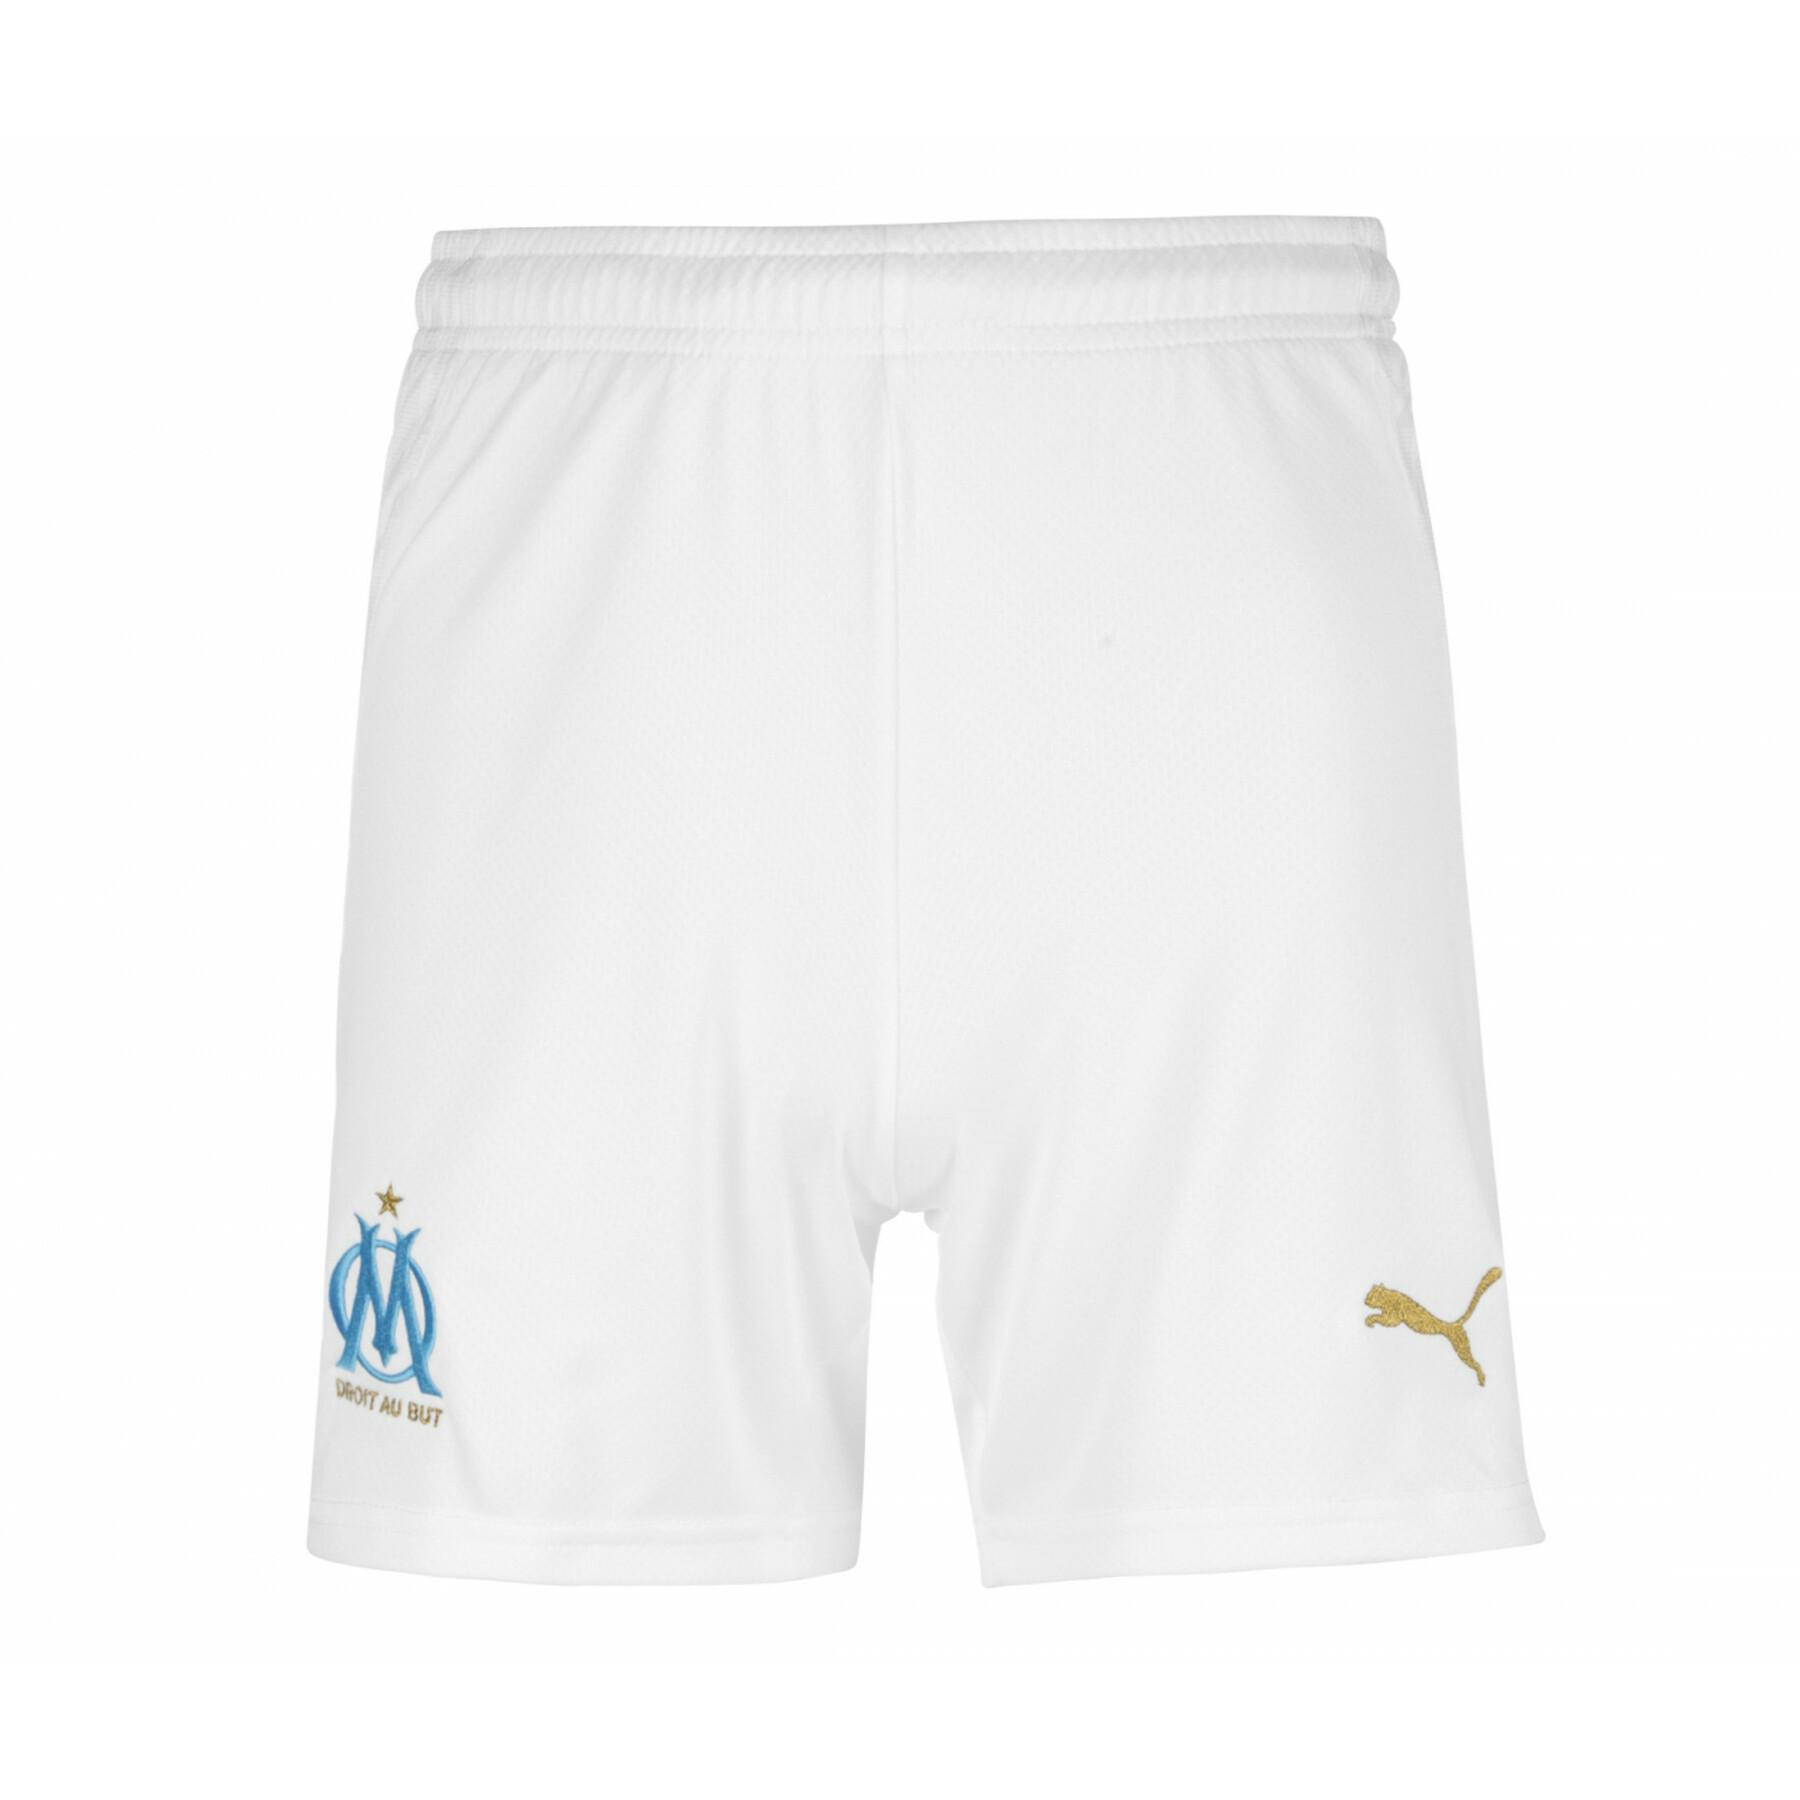 Shorts fromomicile enfant OM 2020/21